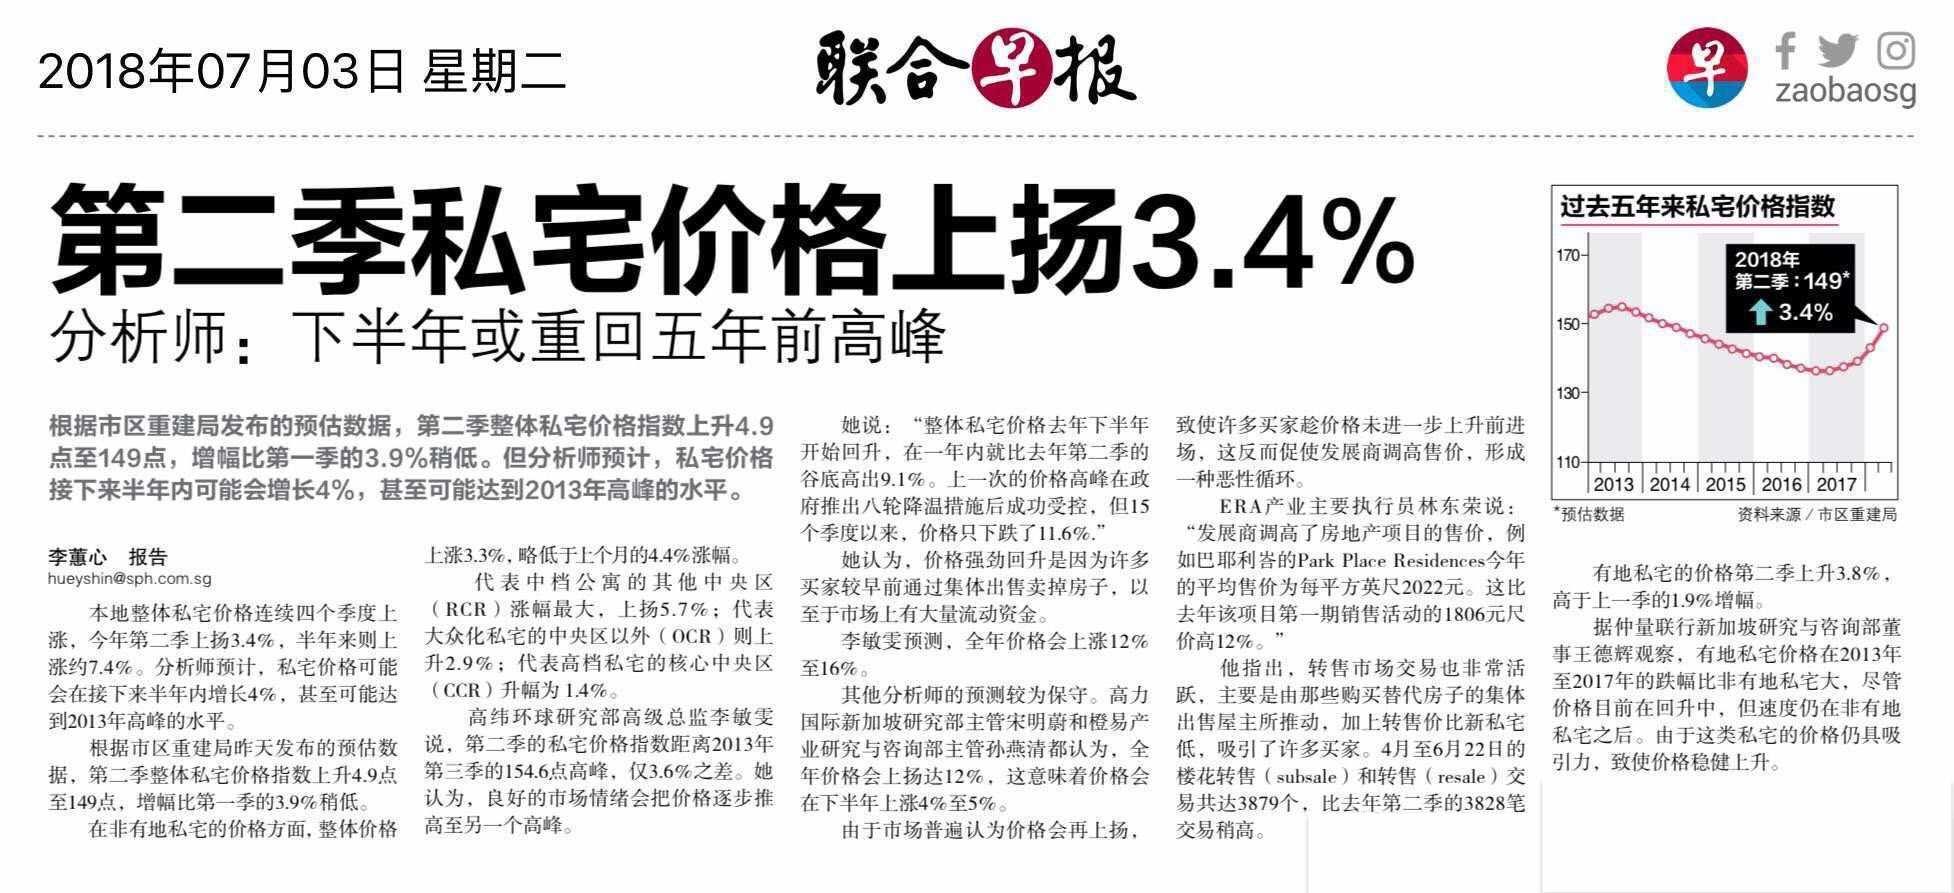 新加坡2018年私宅价格